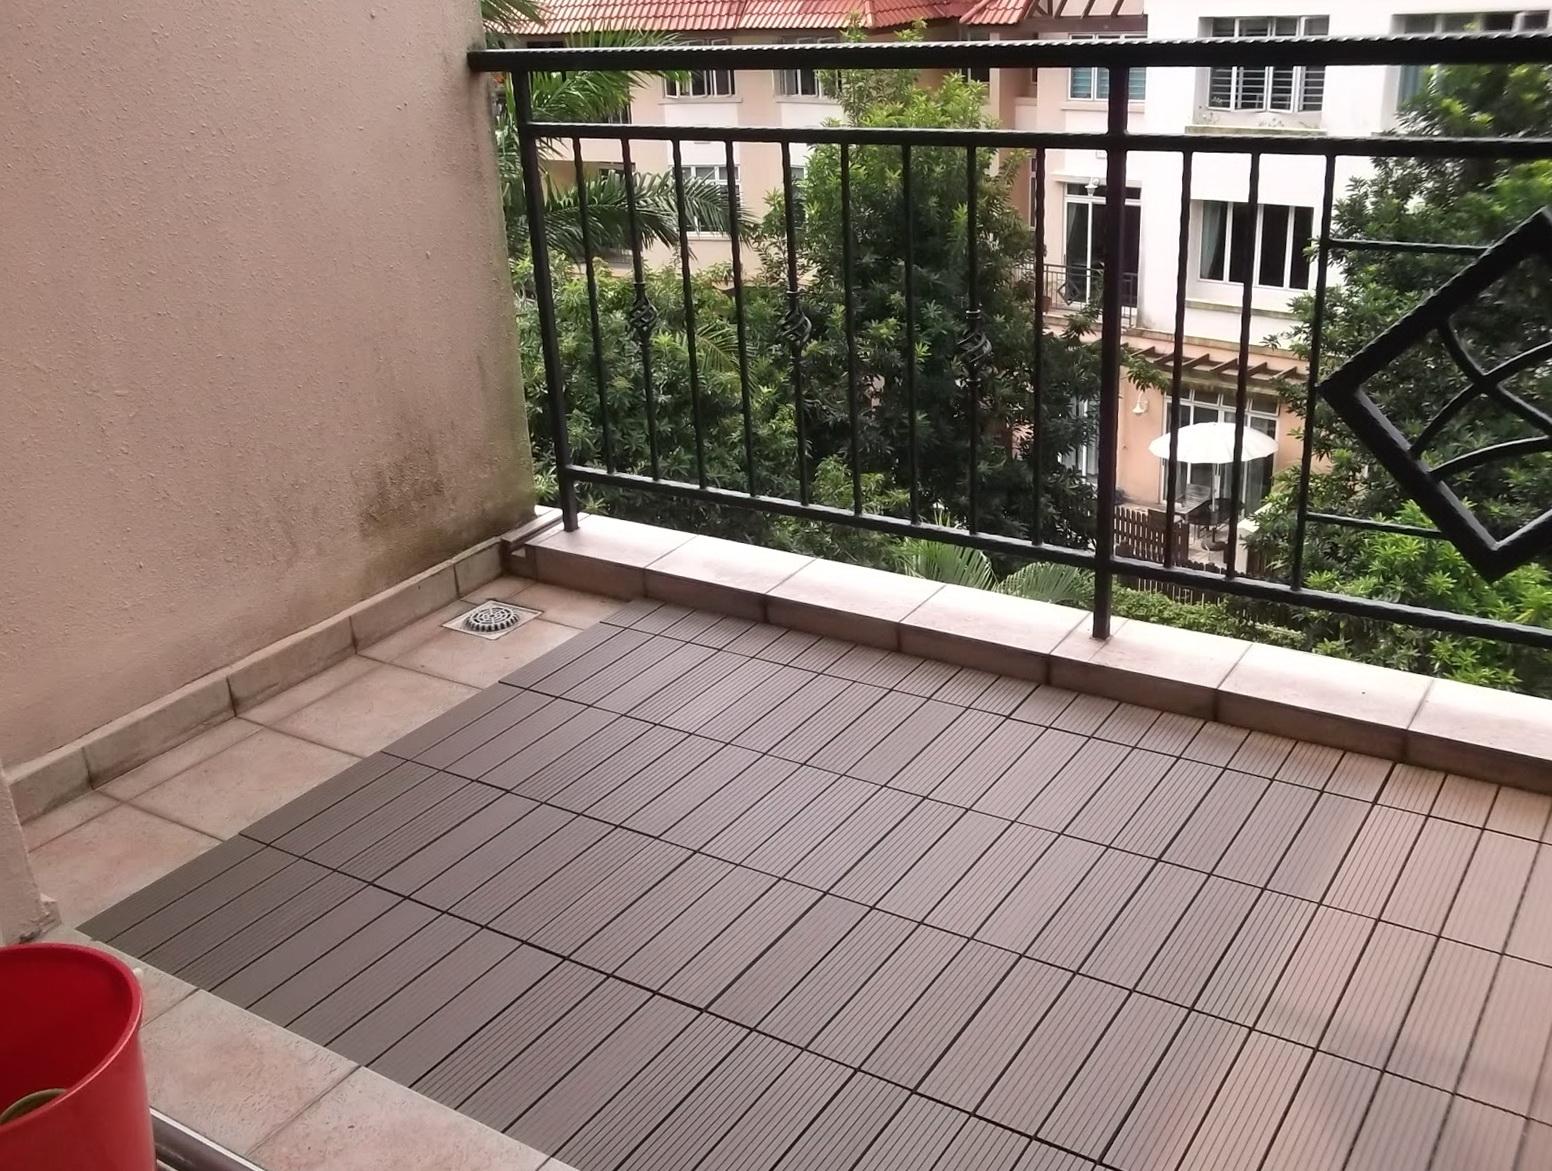 Interlocking Deck Tiles Installation